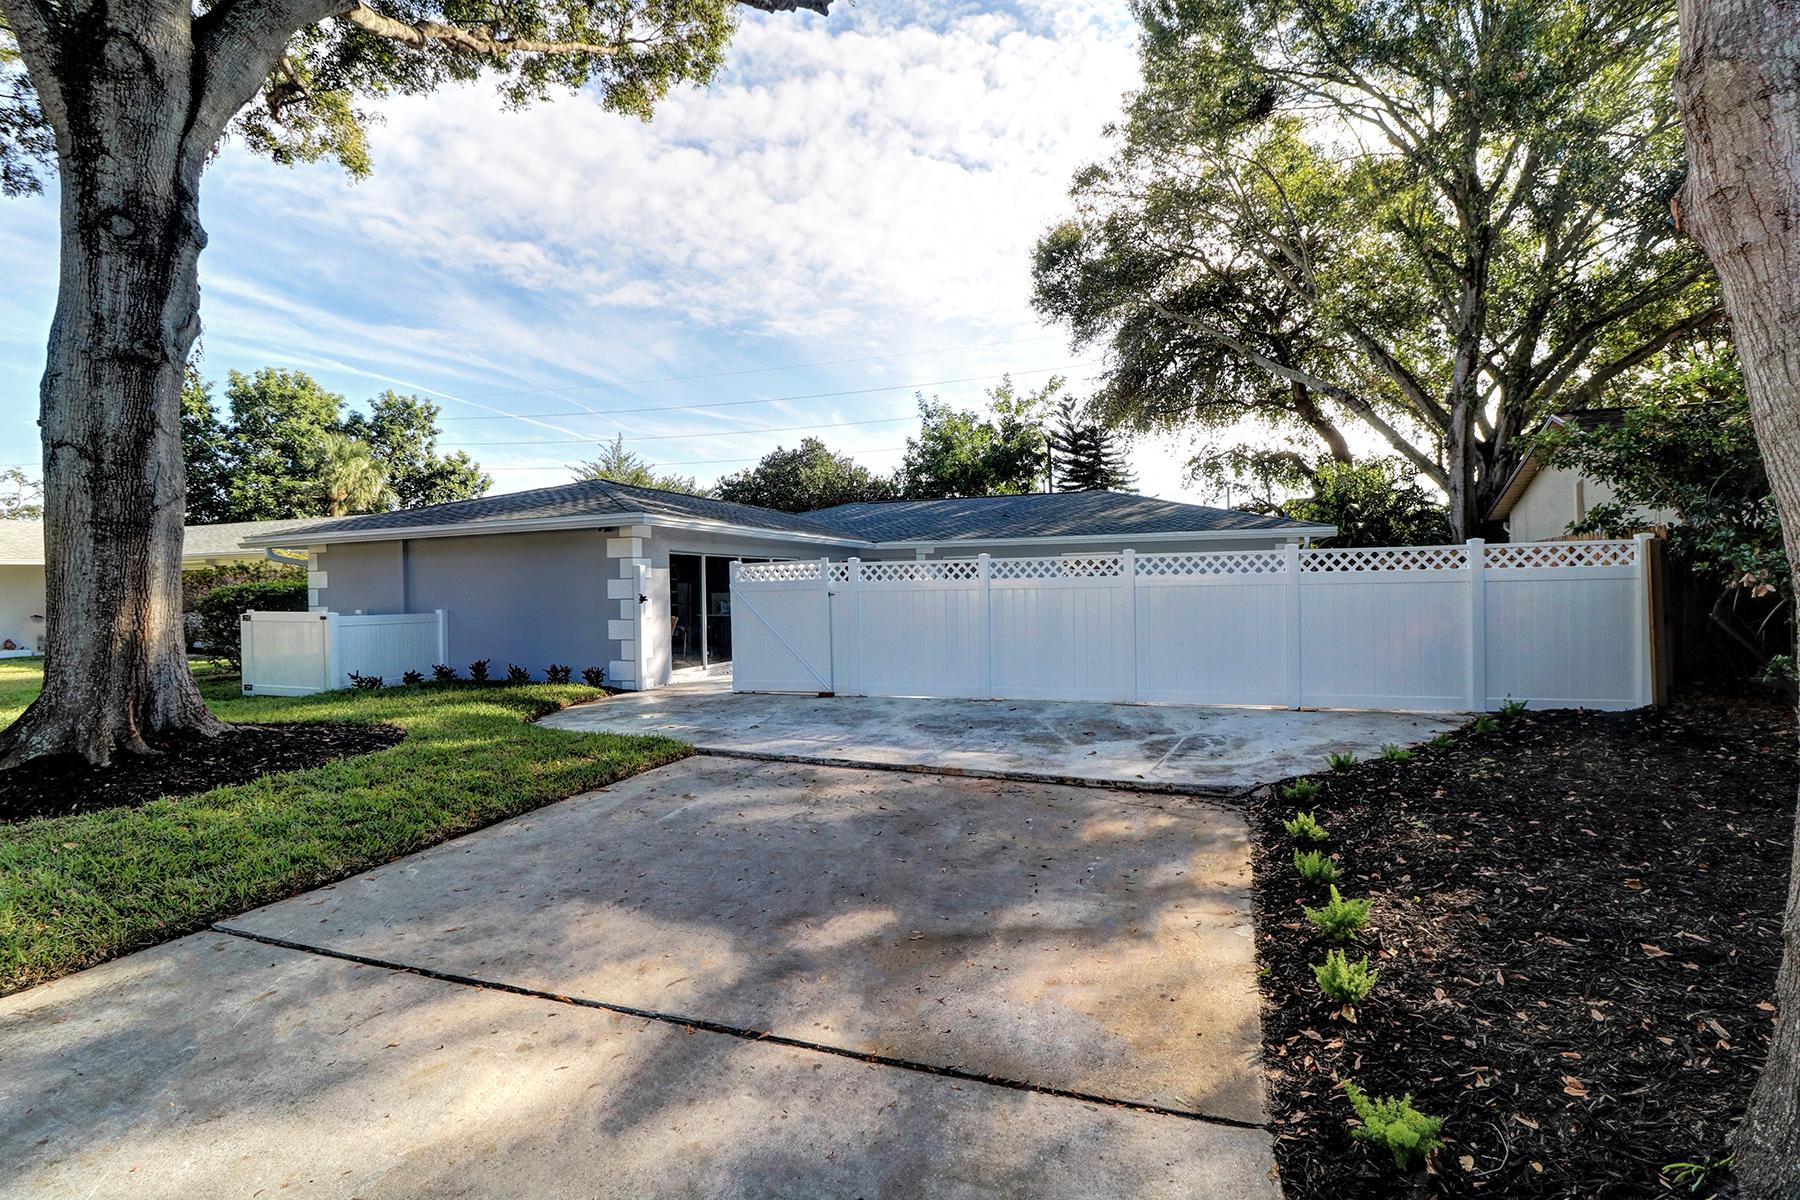 단독 가정 주택 용 매매 에 CLEARWATER 2363 Pineland Ln Clearwater, 플로리다, 33763 미국